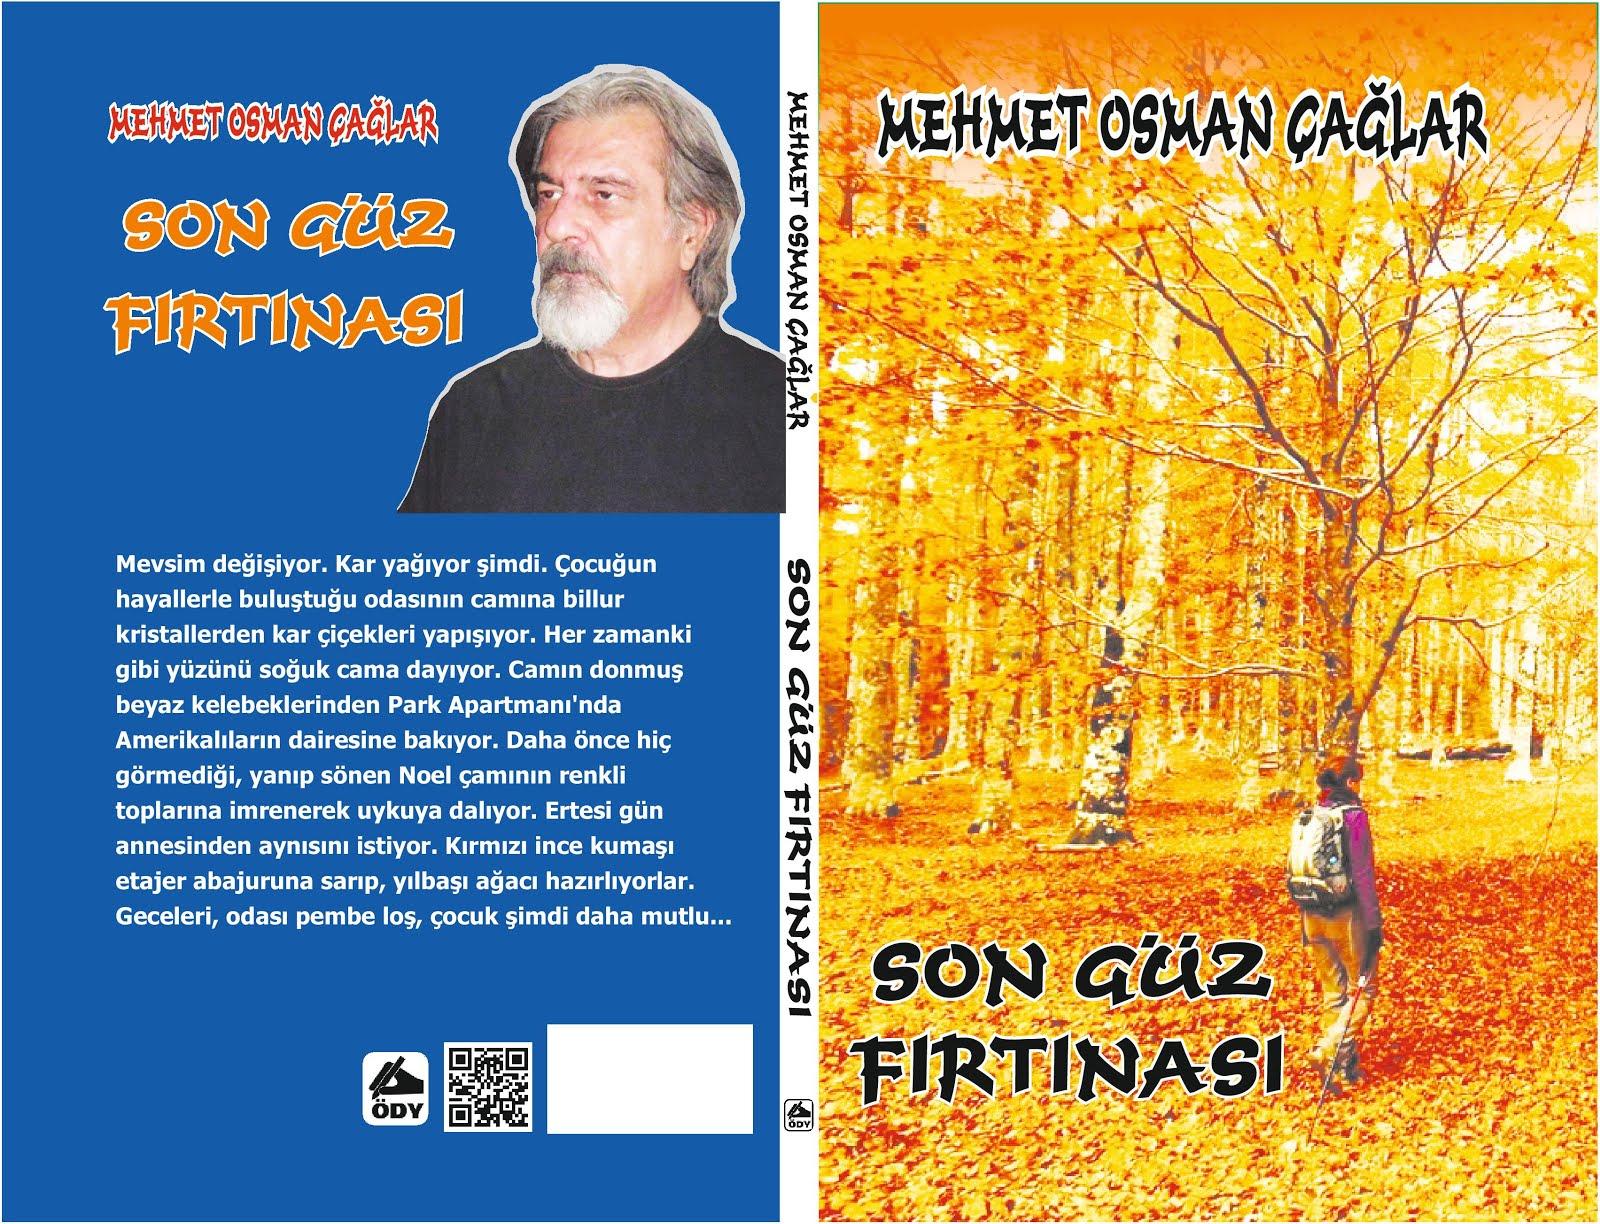 SON GÜZ FIRTINASI romanım